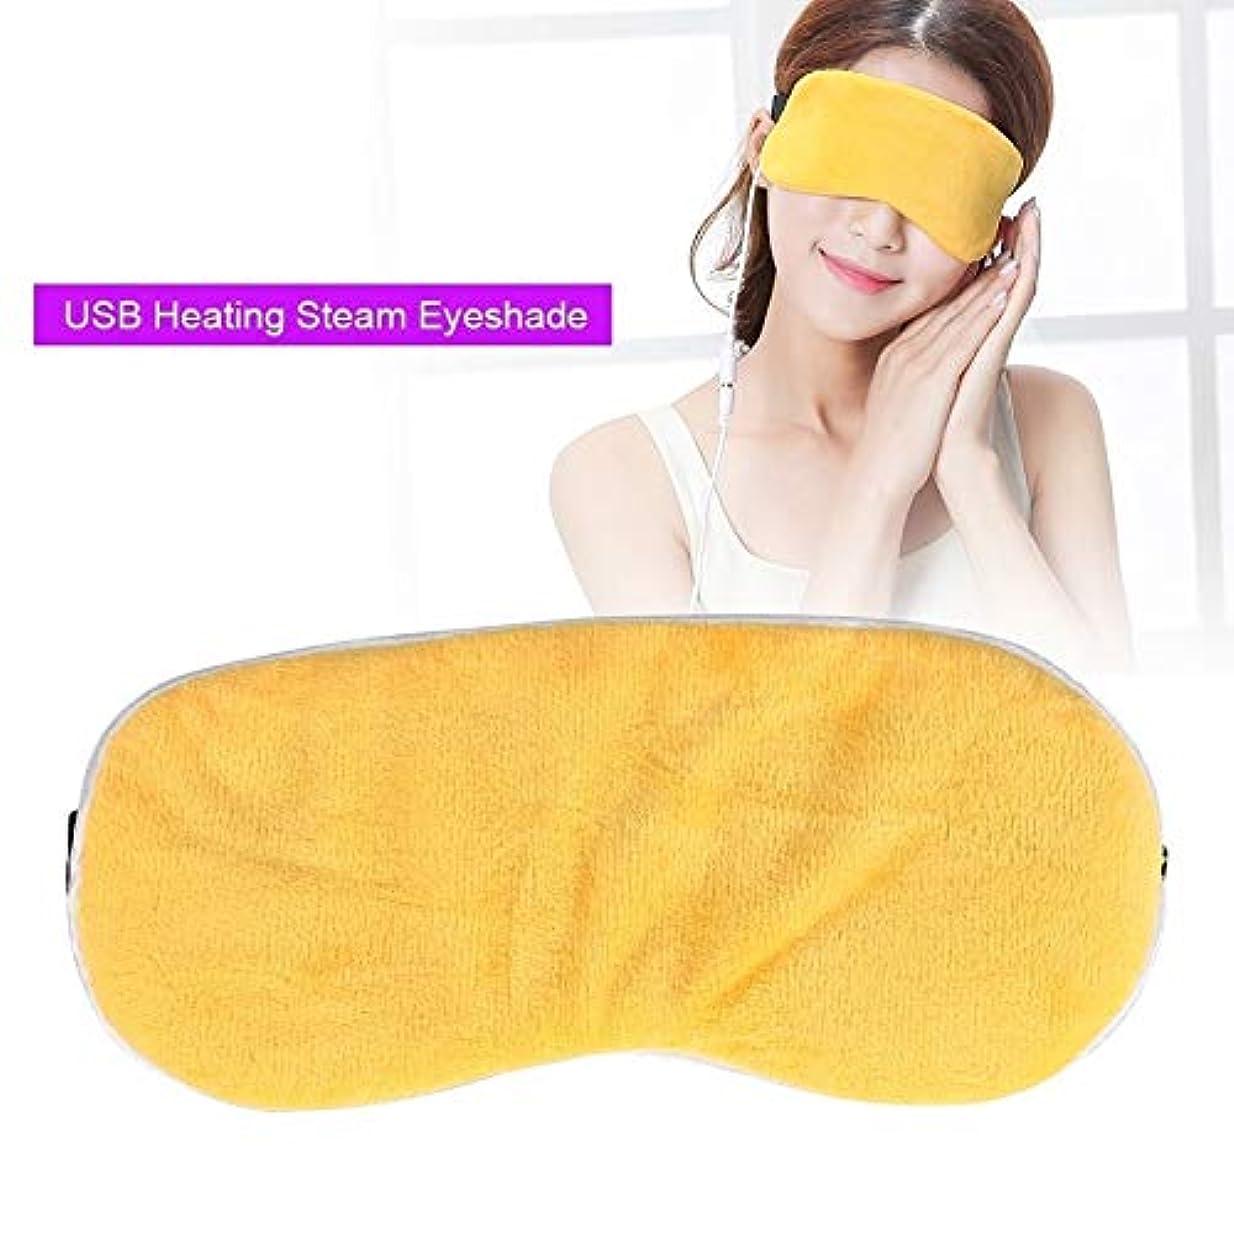 意義にはまって名目上のNOTE USB暖房蒸気アイシェードラベンダーアイマスクアンチダークサークルアイパッチアイマッサージャー疲労緩和睡眠旅行アイシェードマスク